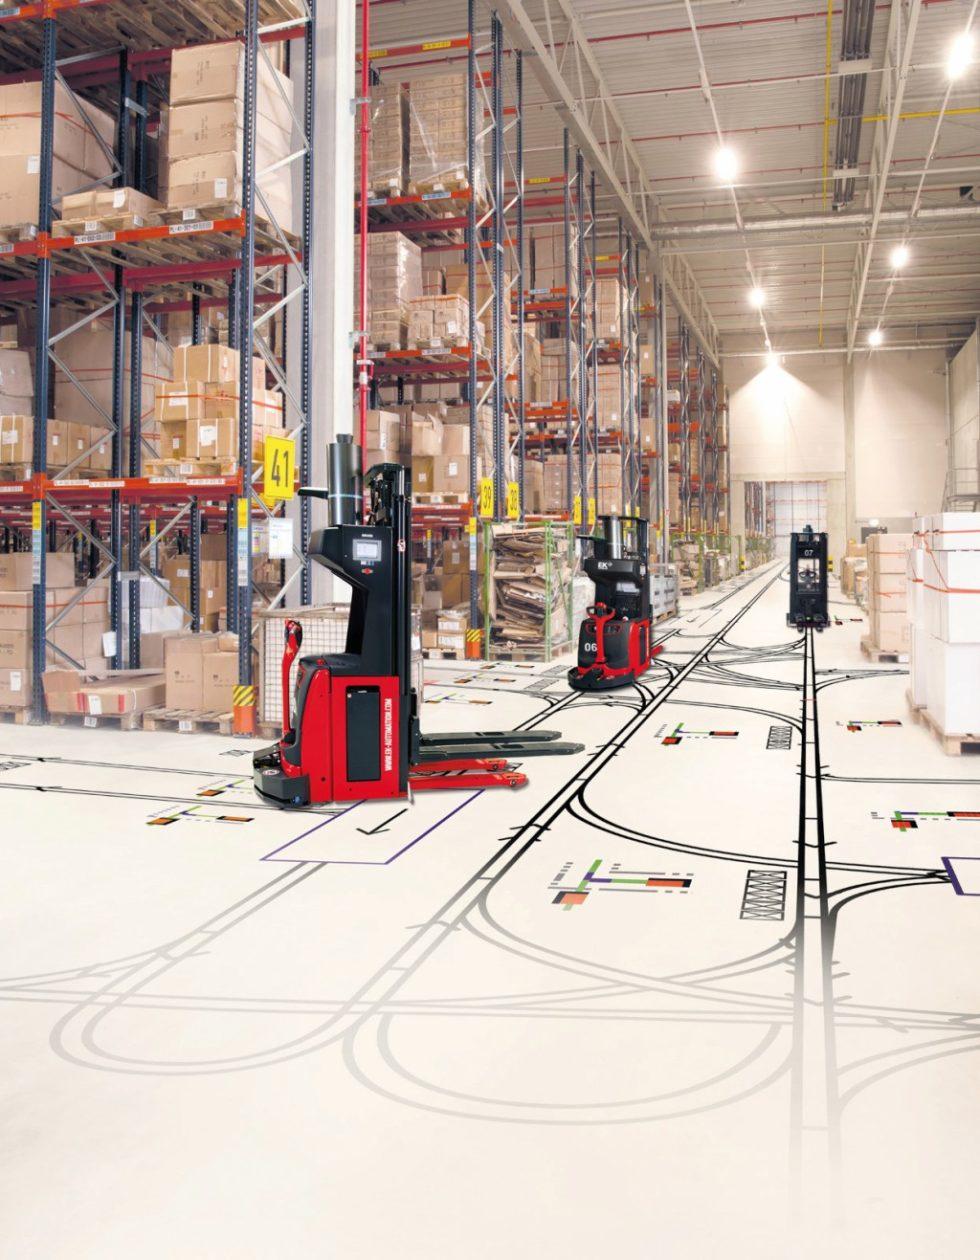 Mit Simulation lassen sich Fahrerlose Transportsysteme (FTS) auf räumliche Gegebenheiten und maximale Produktivität abstimmen. Bild: EK Automation